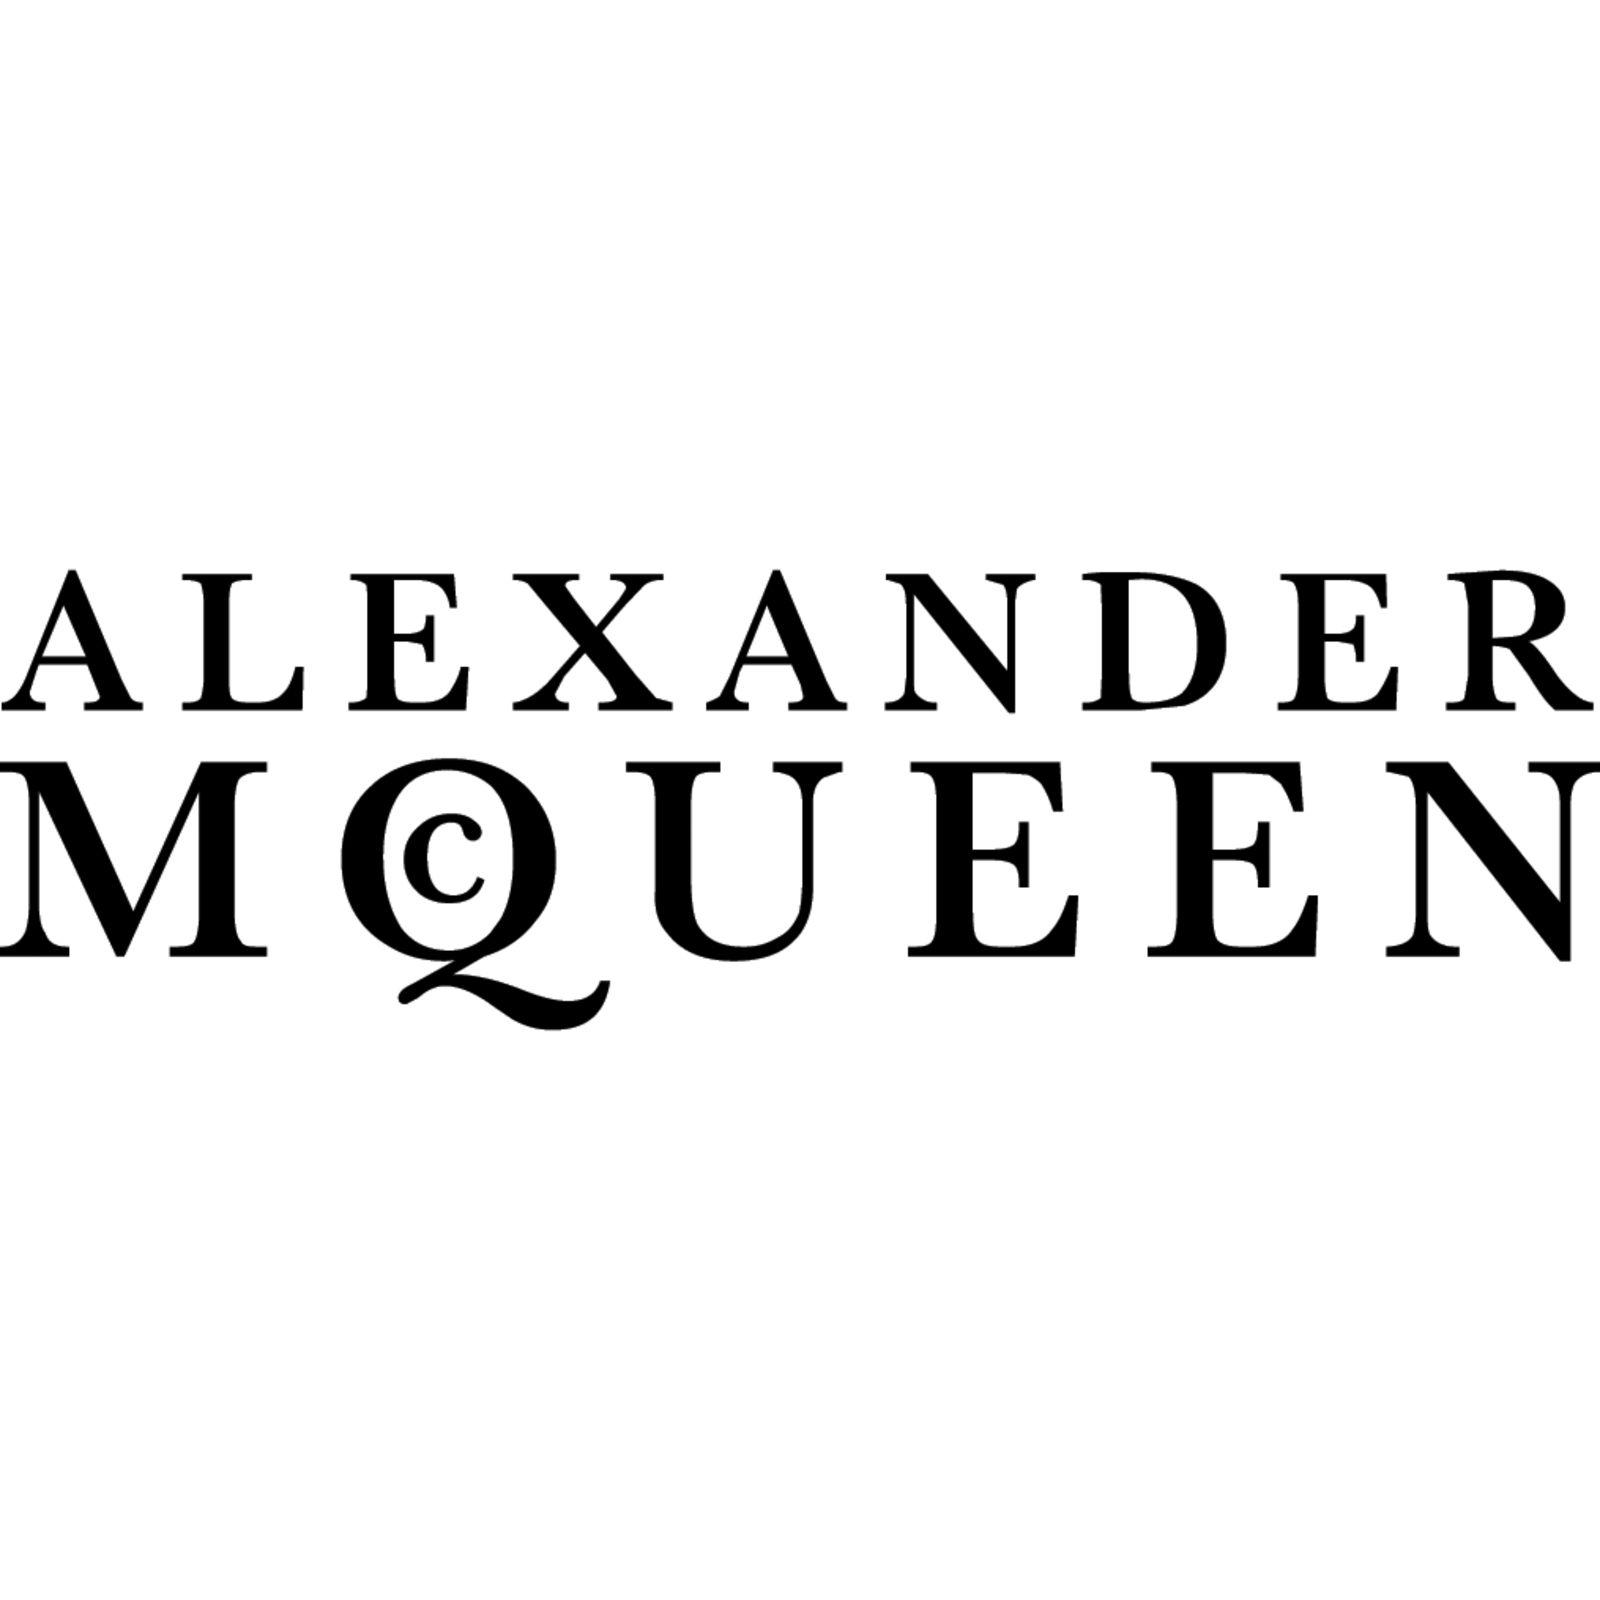 ALEXANDER McQUEEN (Image 1)